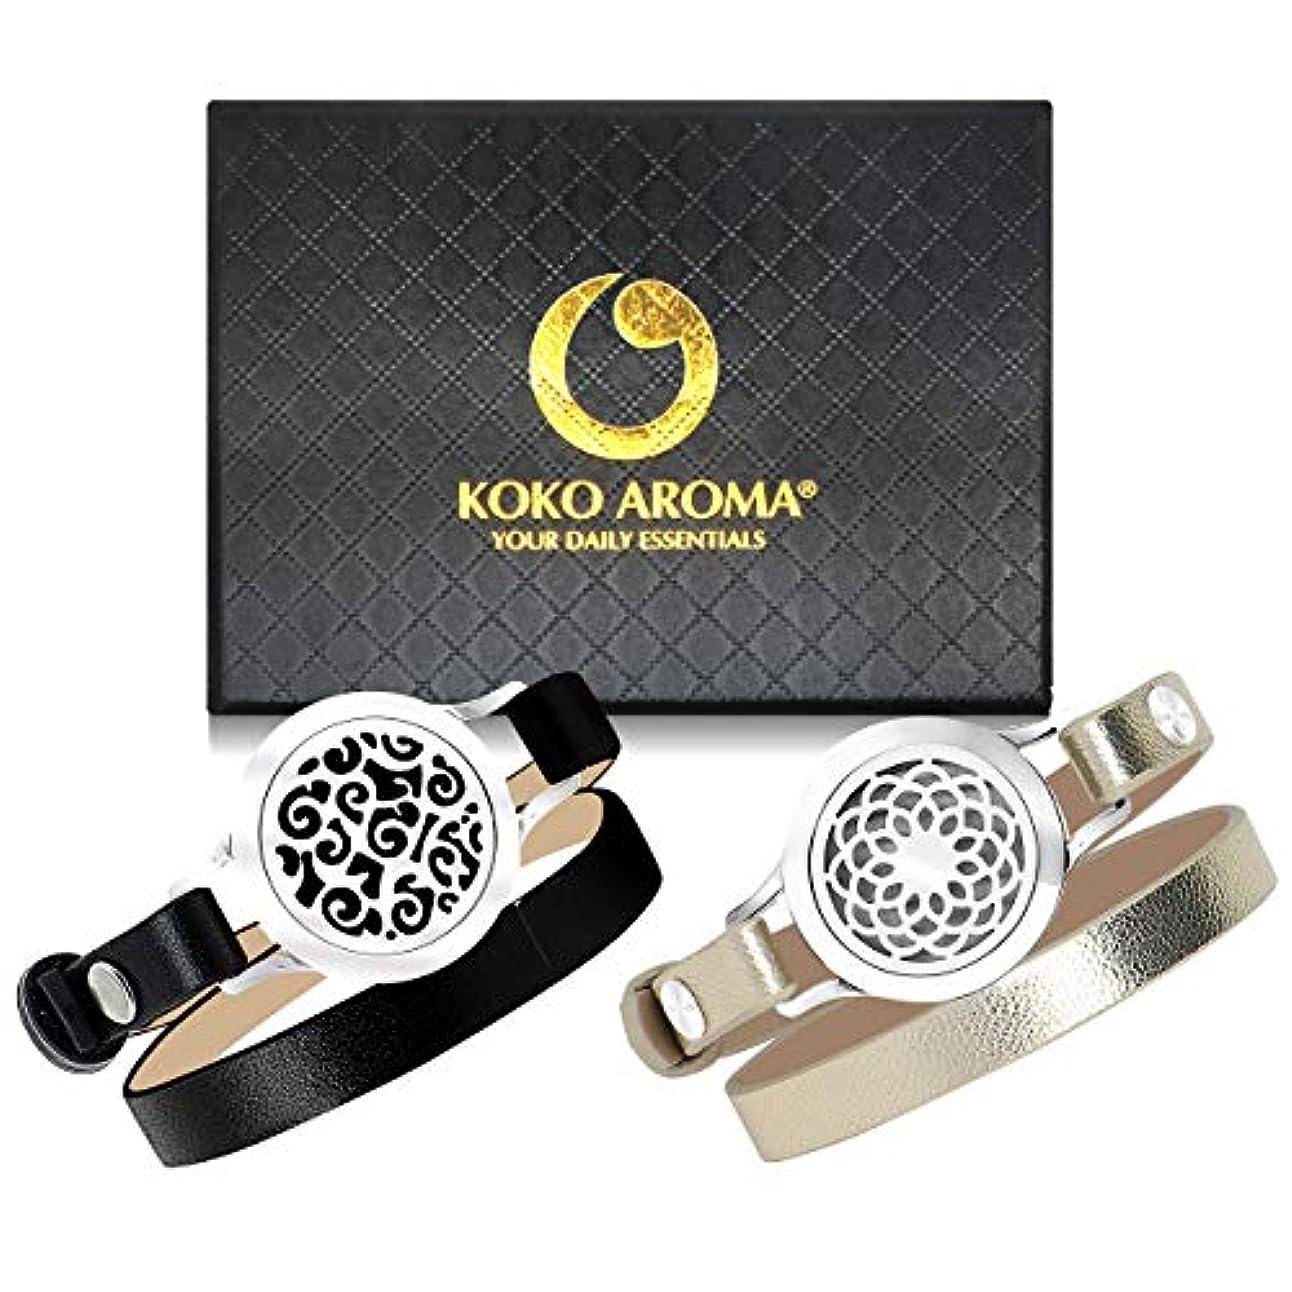 ラリー非公式限りなくKOKO AROMA Essential Oil Diffuser Bracelets 2pcs: Stainless Steel Aromatherapy Bangle or Leather Jewelry Woman...